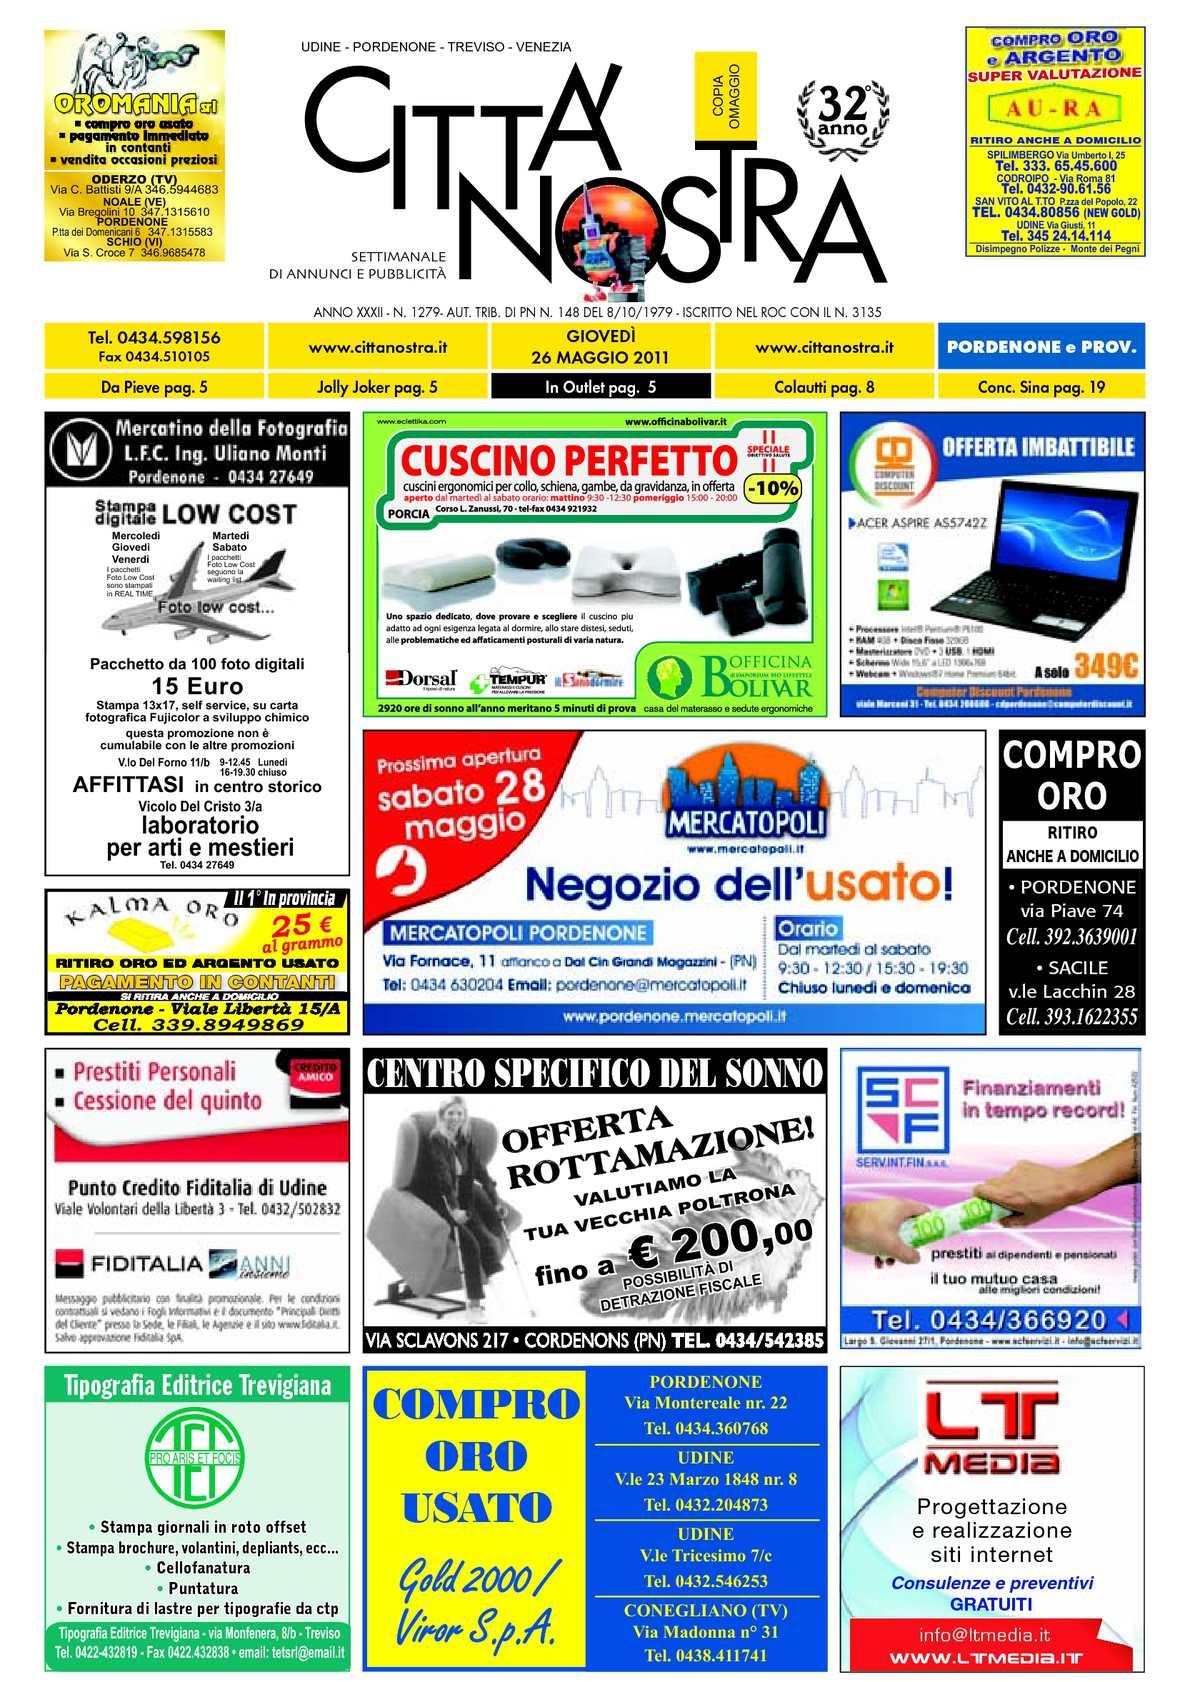 Calaméo Citt Nostra Pordenone Del 26 05 2011 N 1279